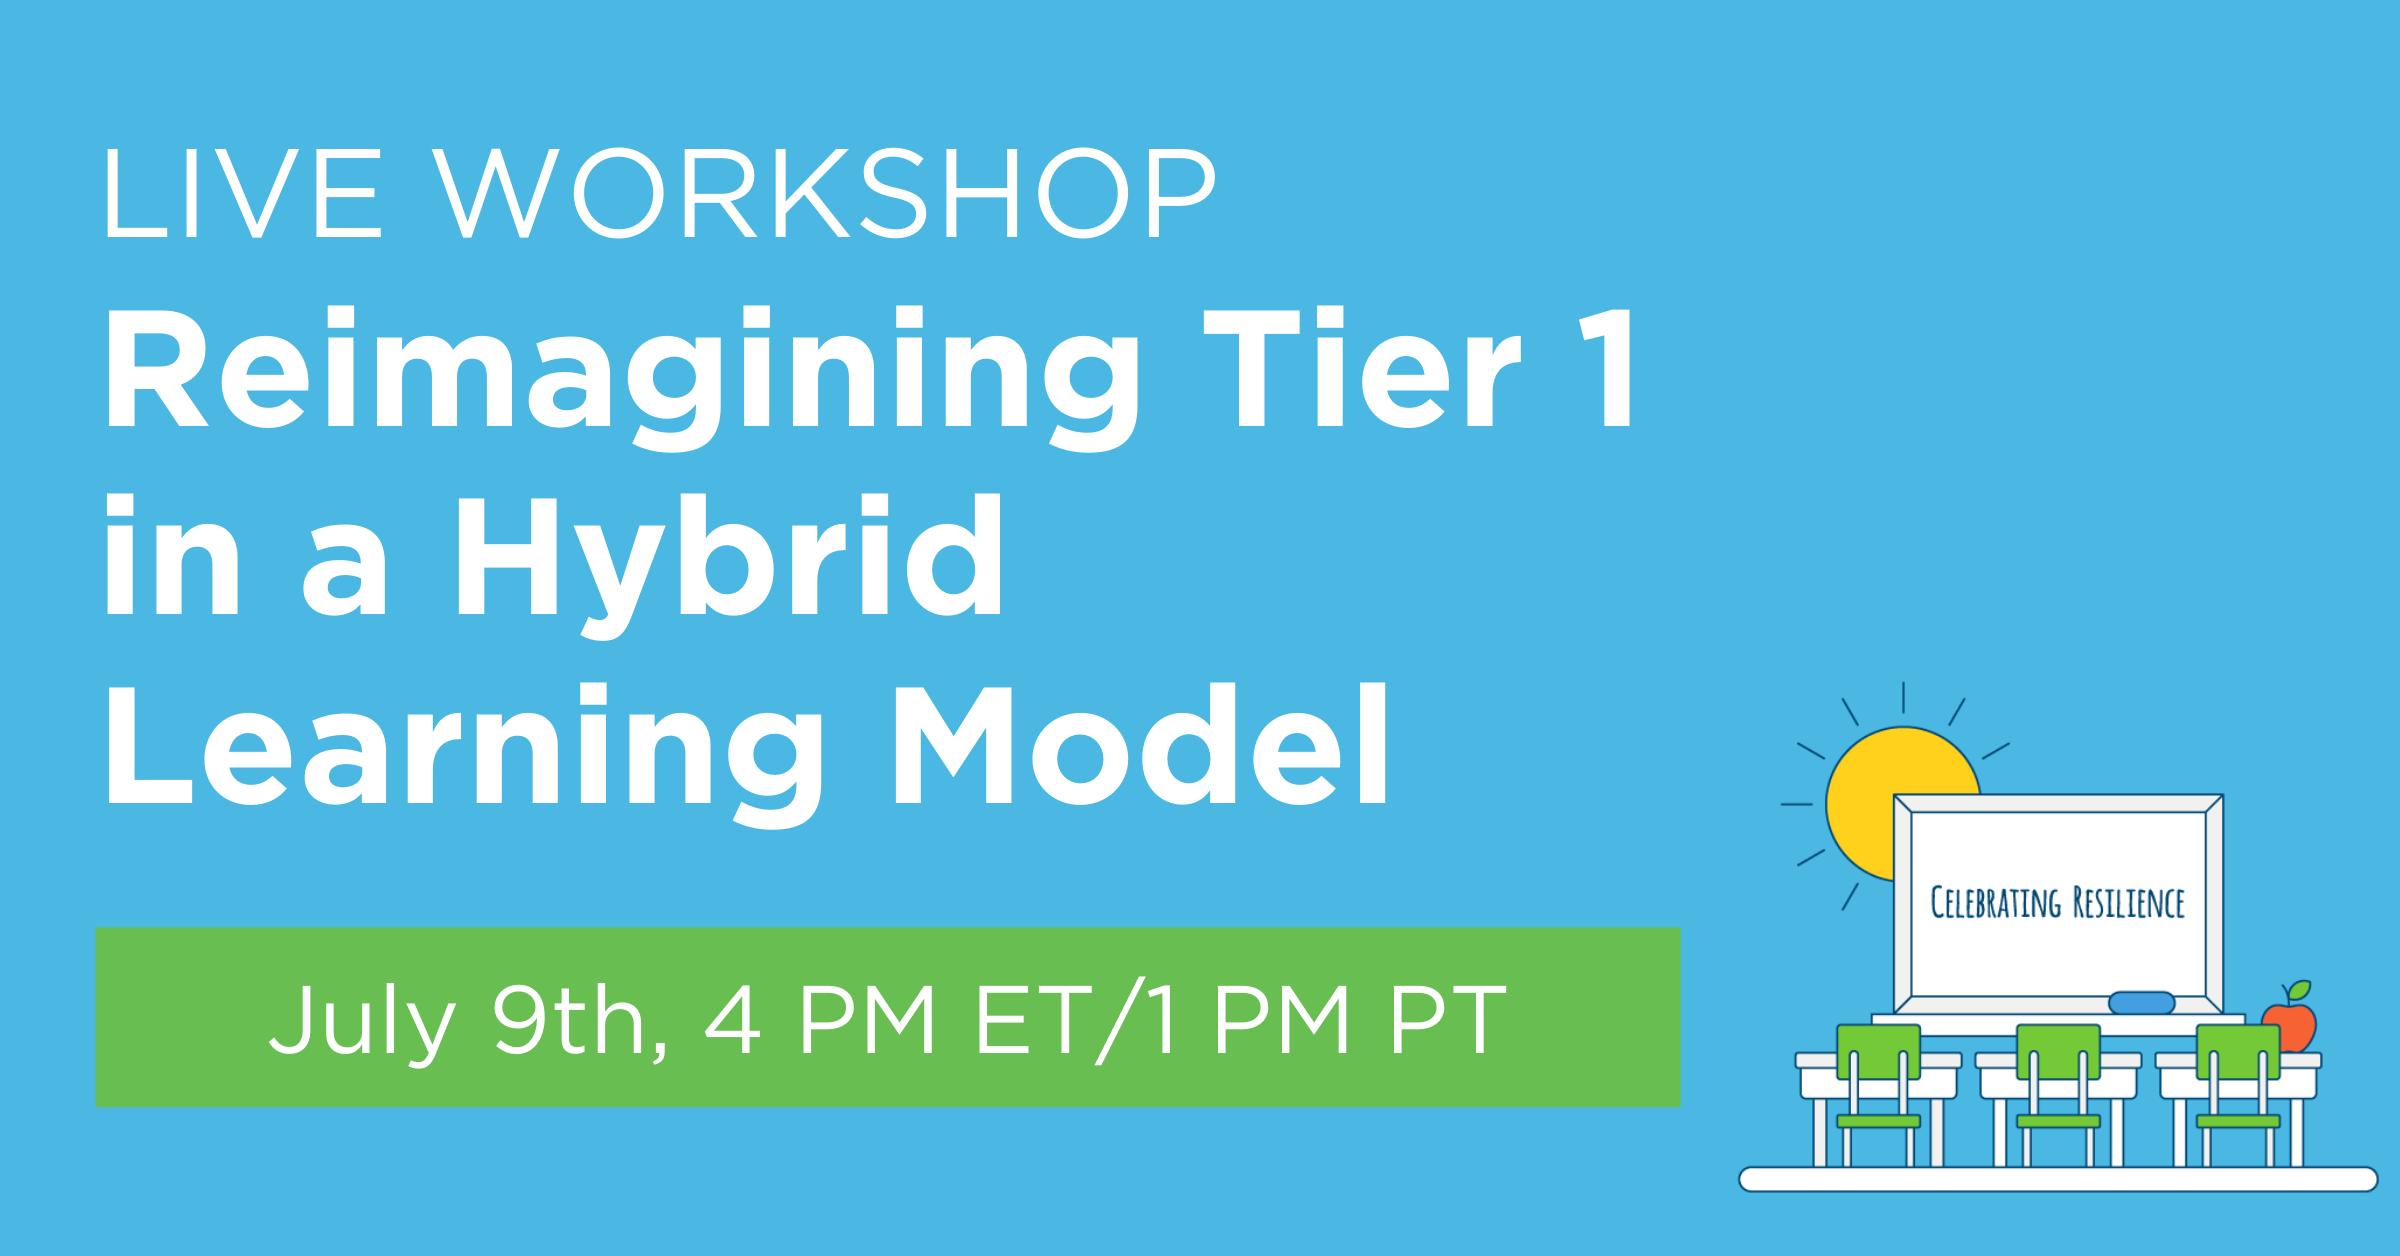 Live Workshop reimagining tier 1